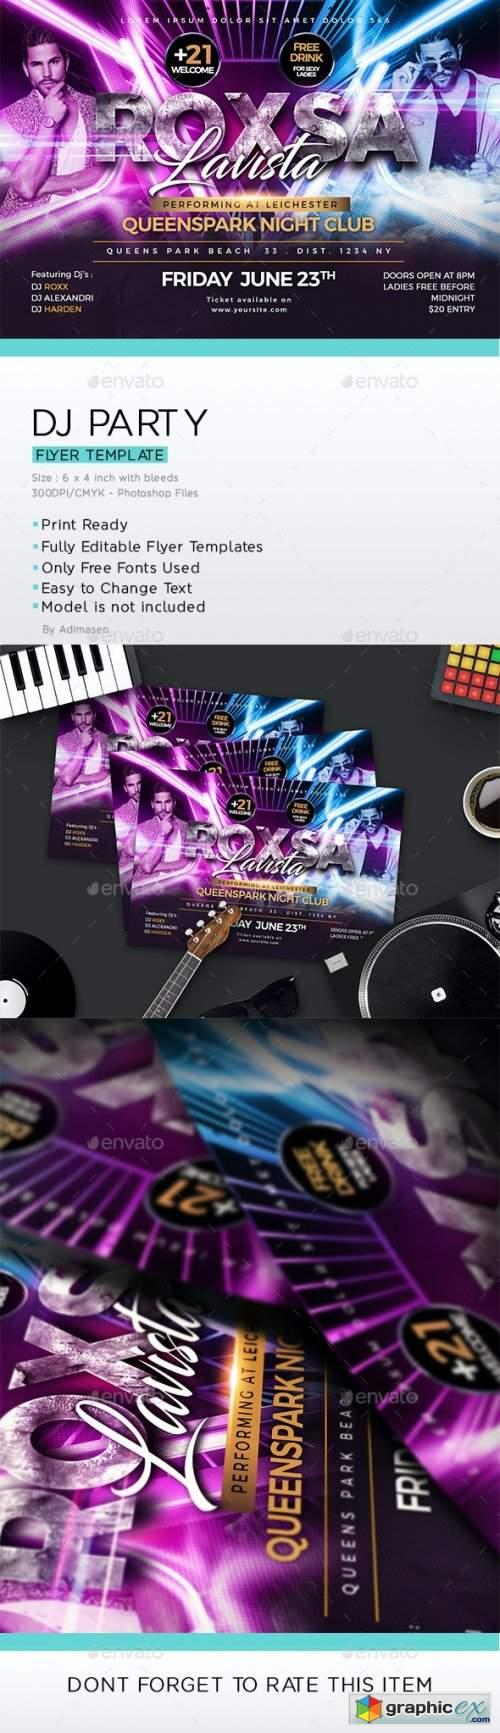 DJ Party Flyer 24279016